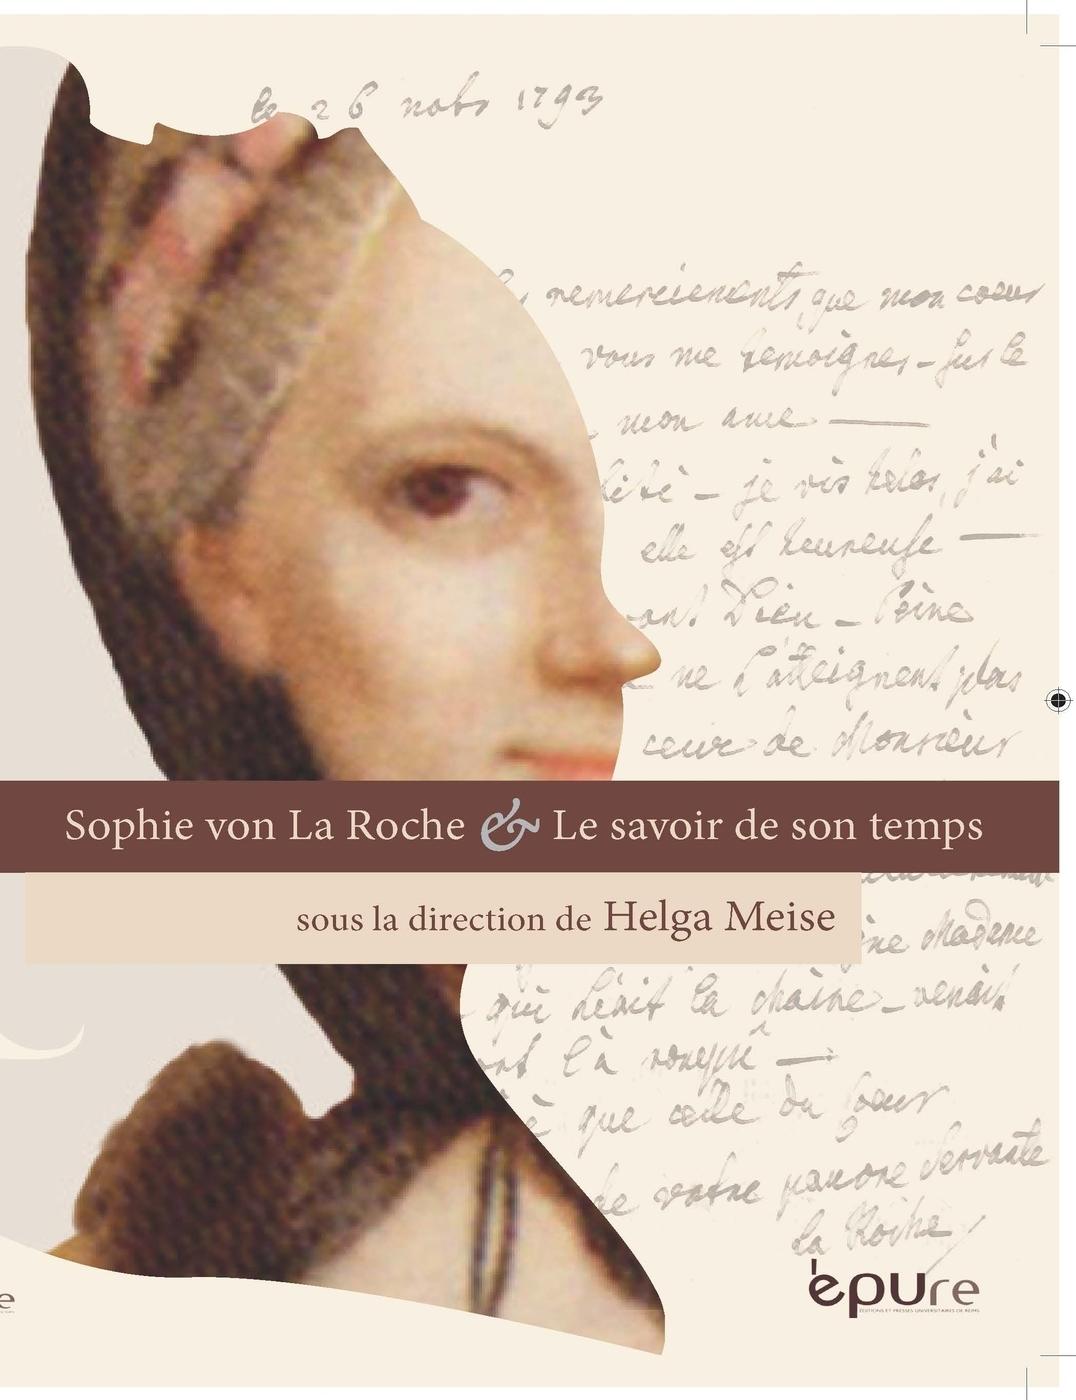 H. Meise (dir.), Sophie von La Roche et le savoir de son temps